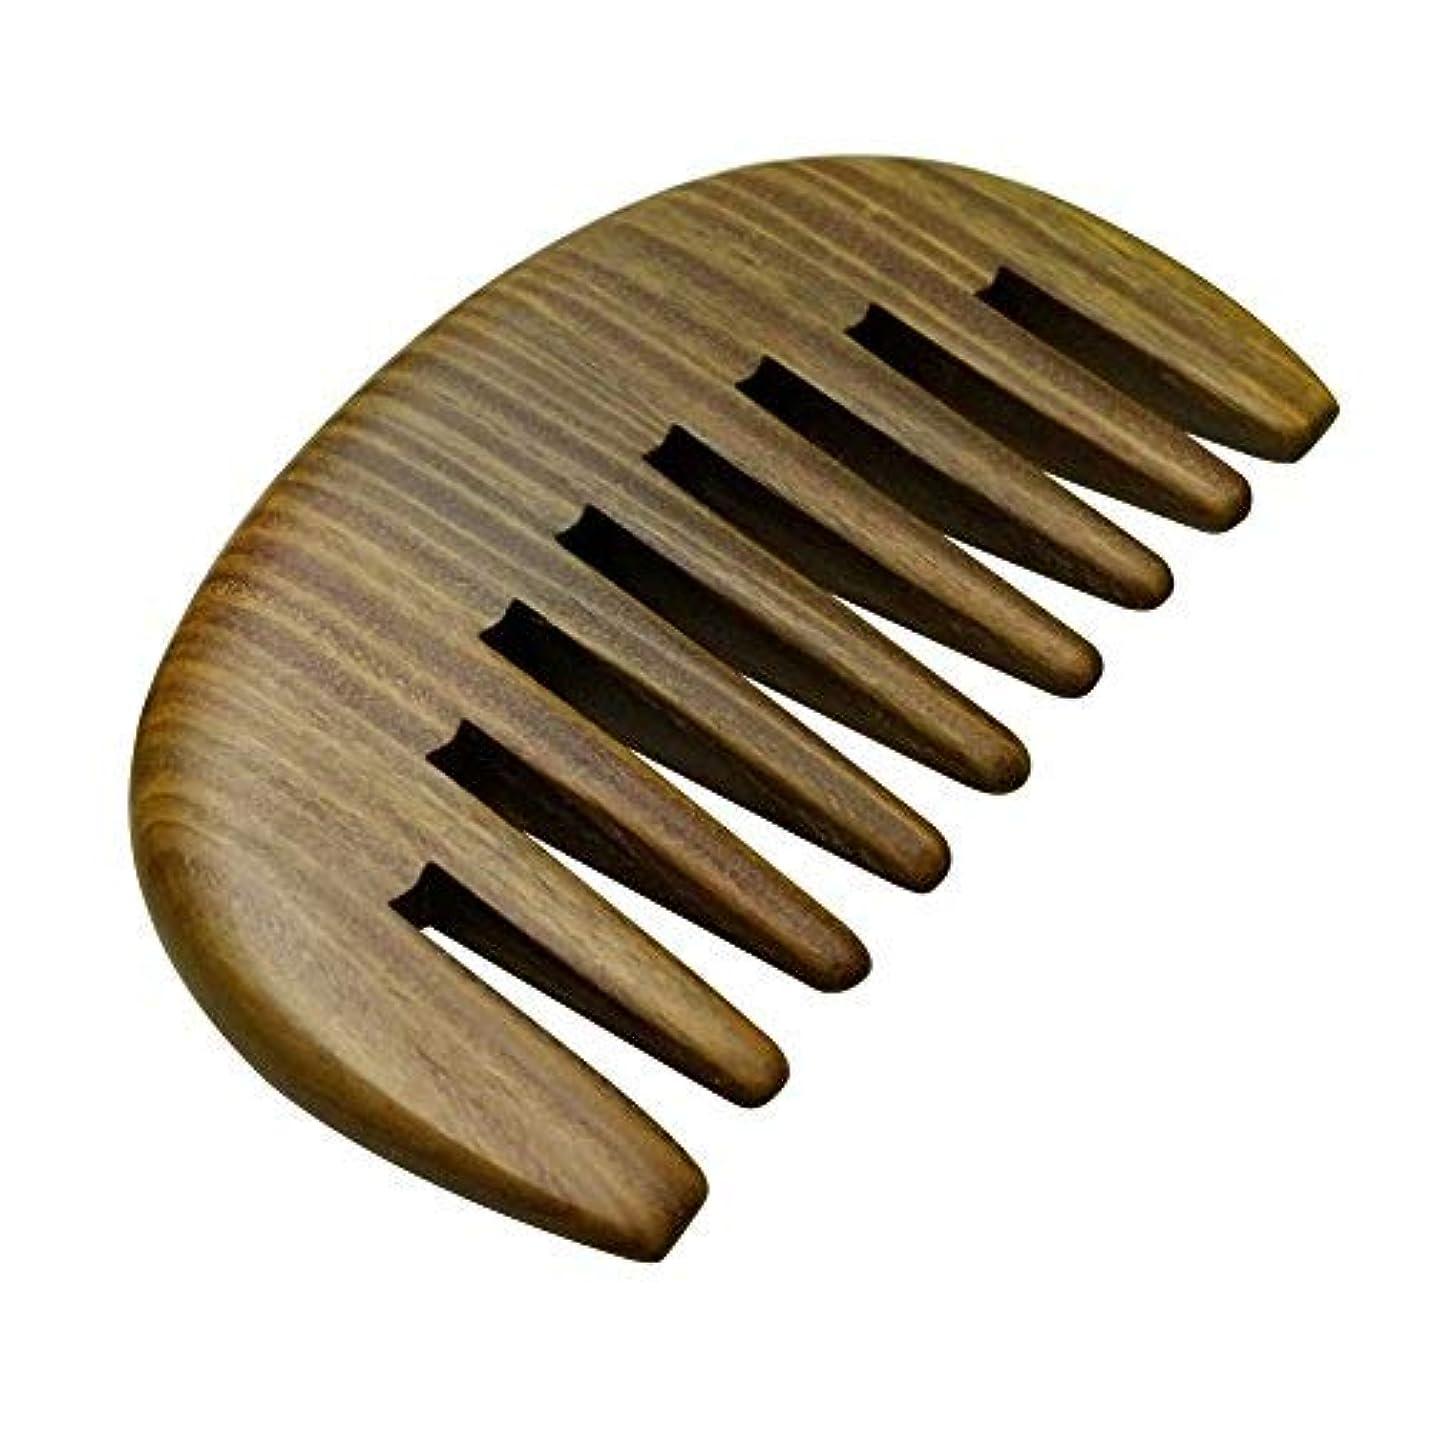 公使館眉をひそめる呼び出すHair Comb Wooden Wide Tooth Detangling Comb for Curly Hair Anti-Static Wood Combs Handmade Natural Sandalwood...